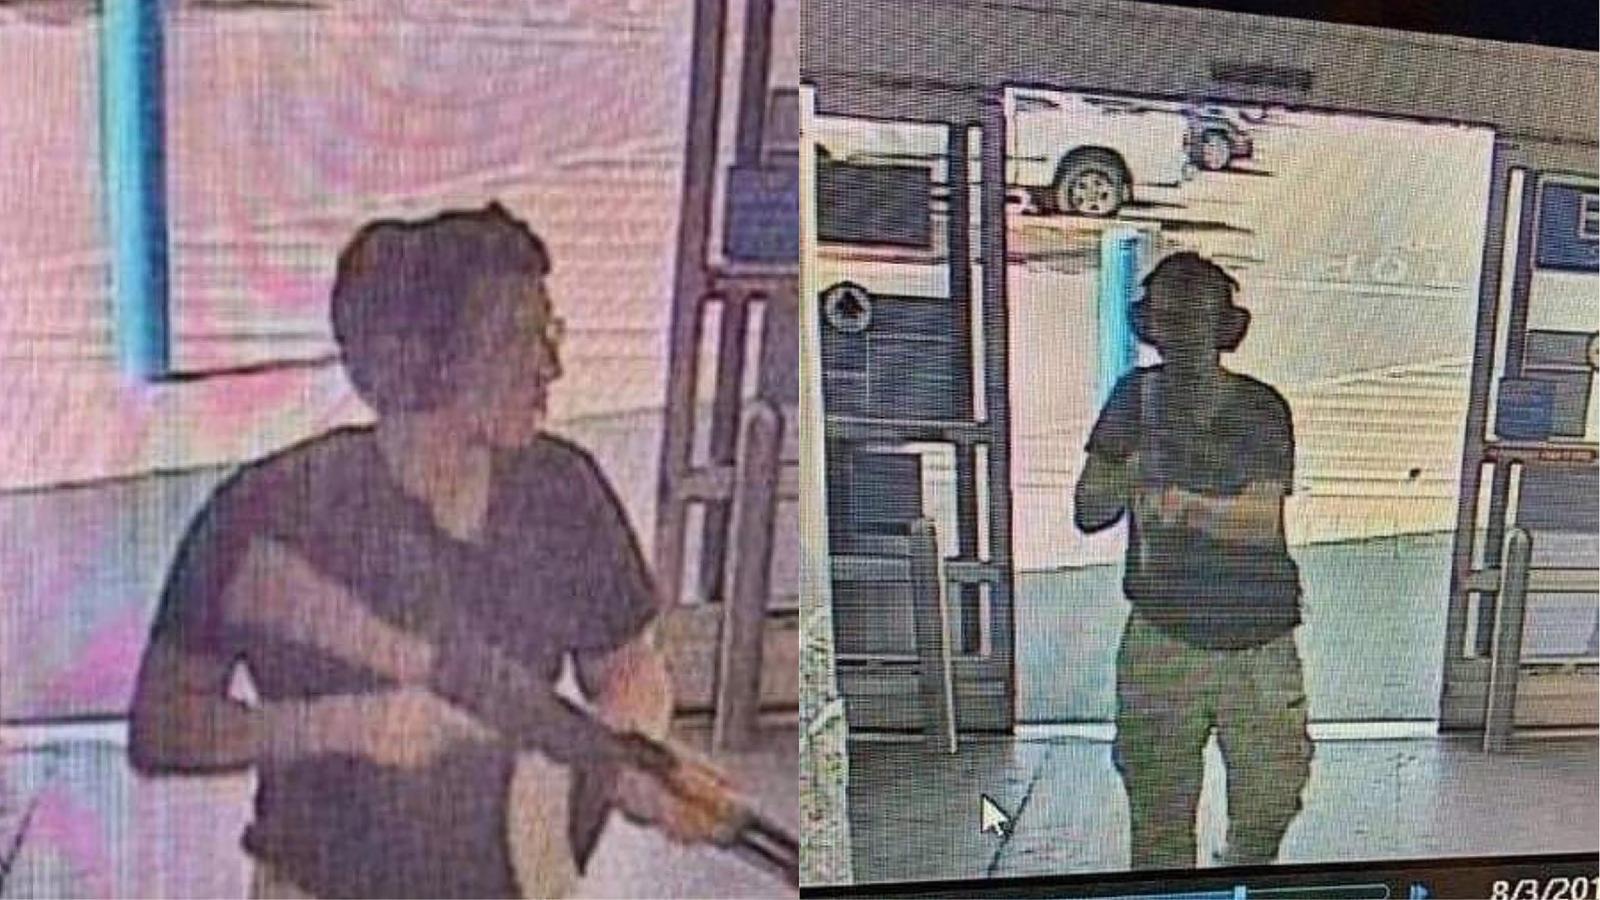 El tirador que ha matat 20 persones quan entrava al centre comercial d'El Paso.